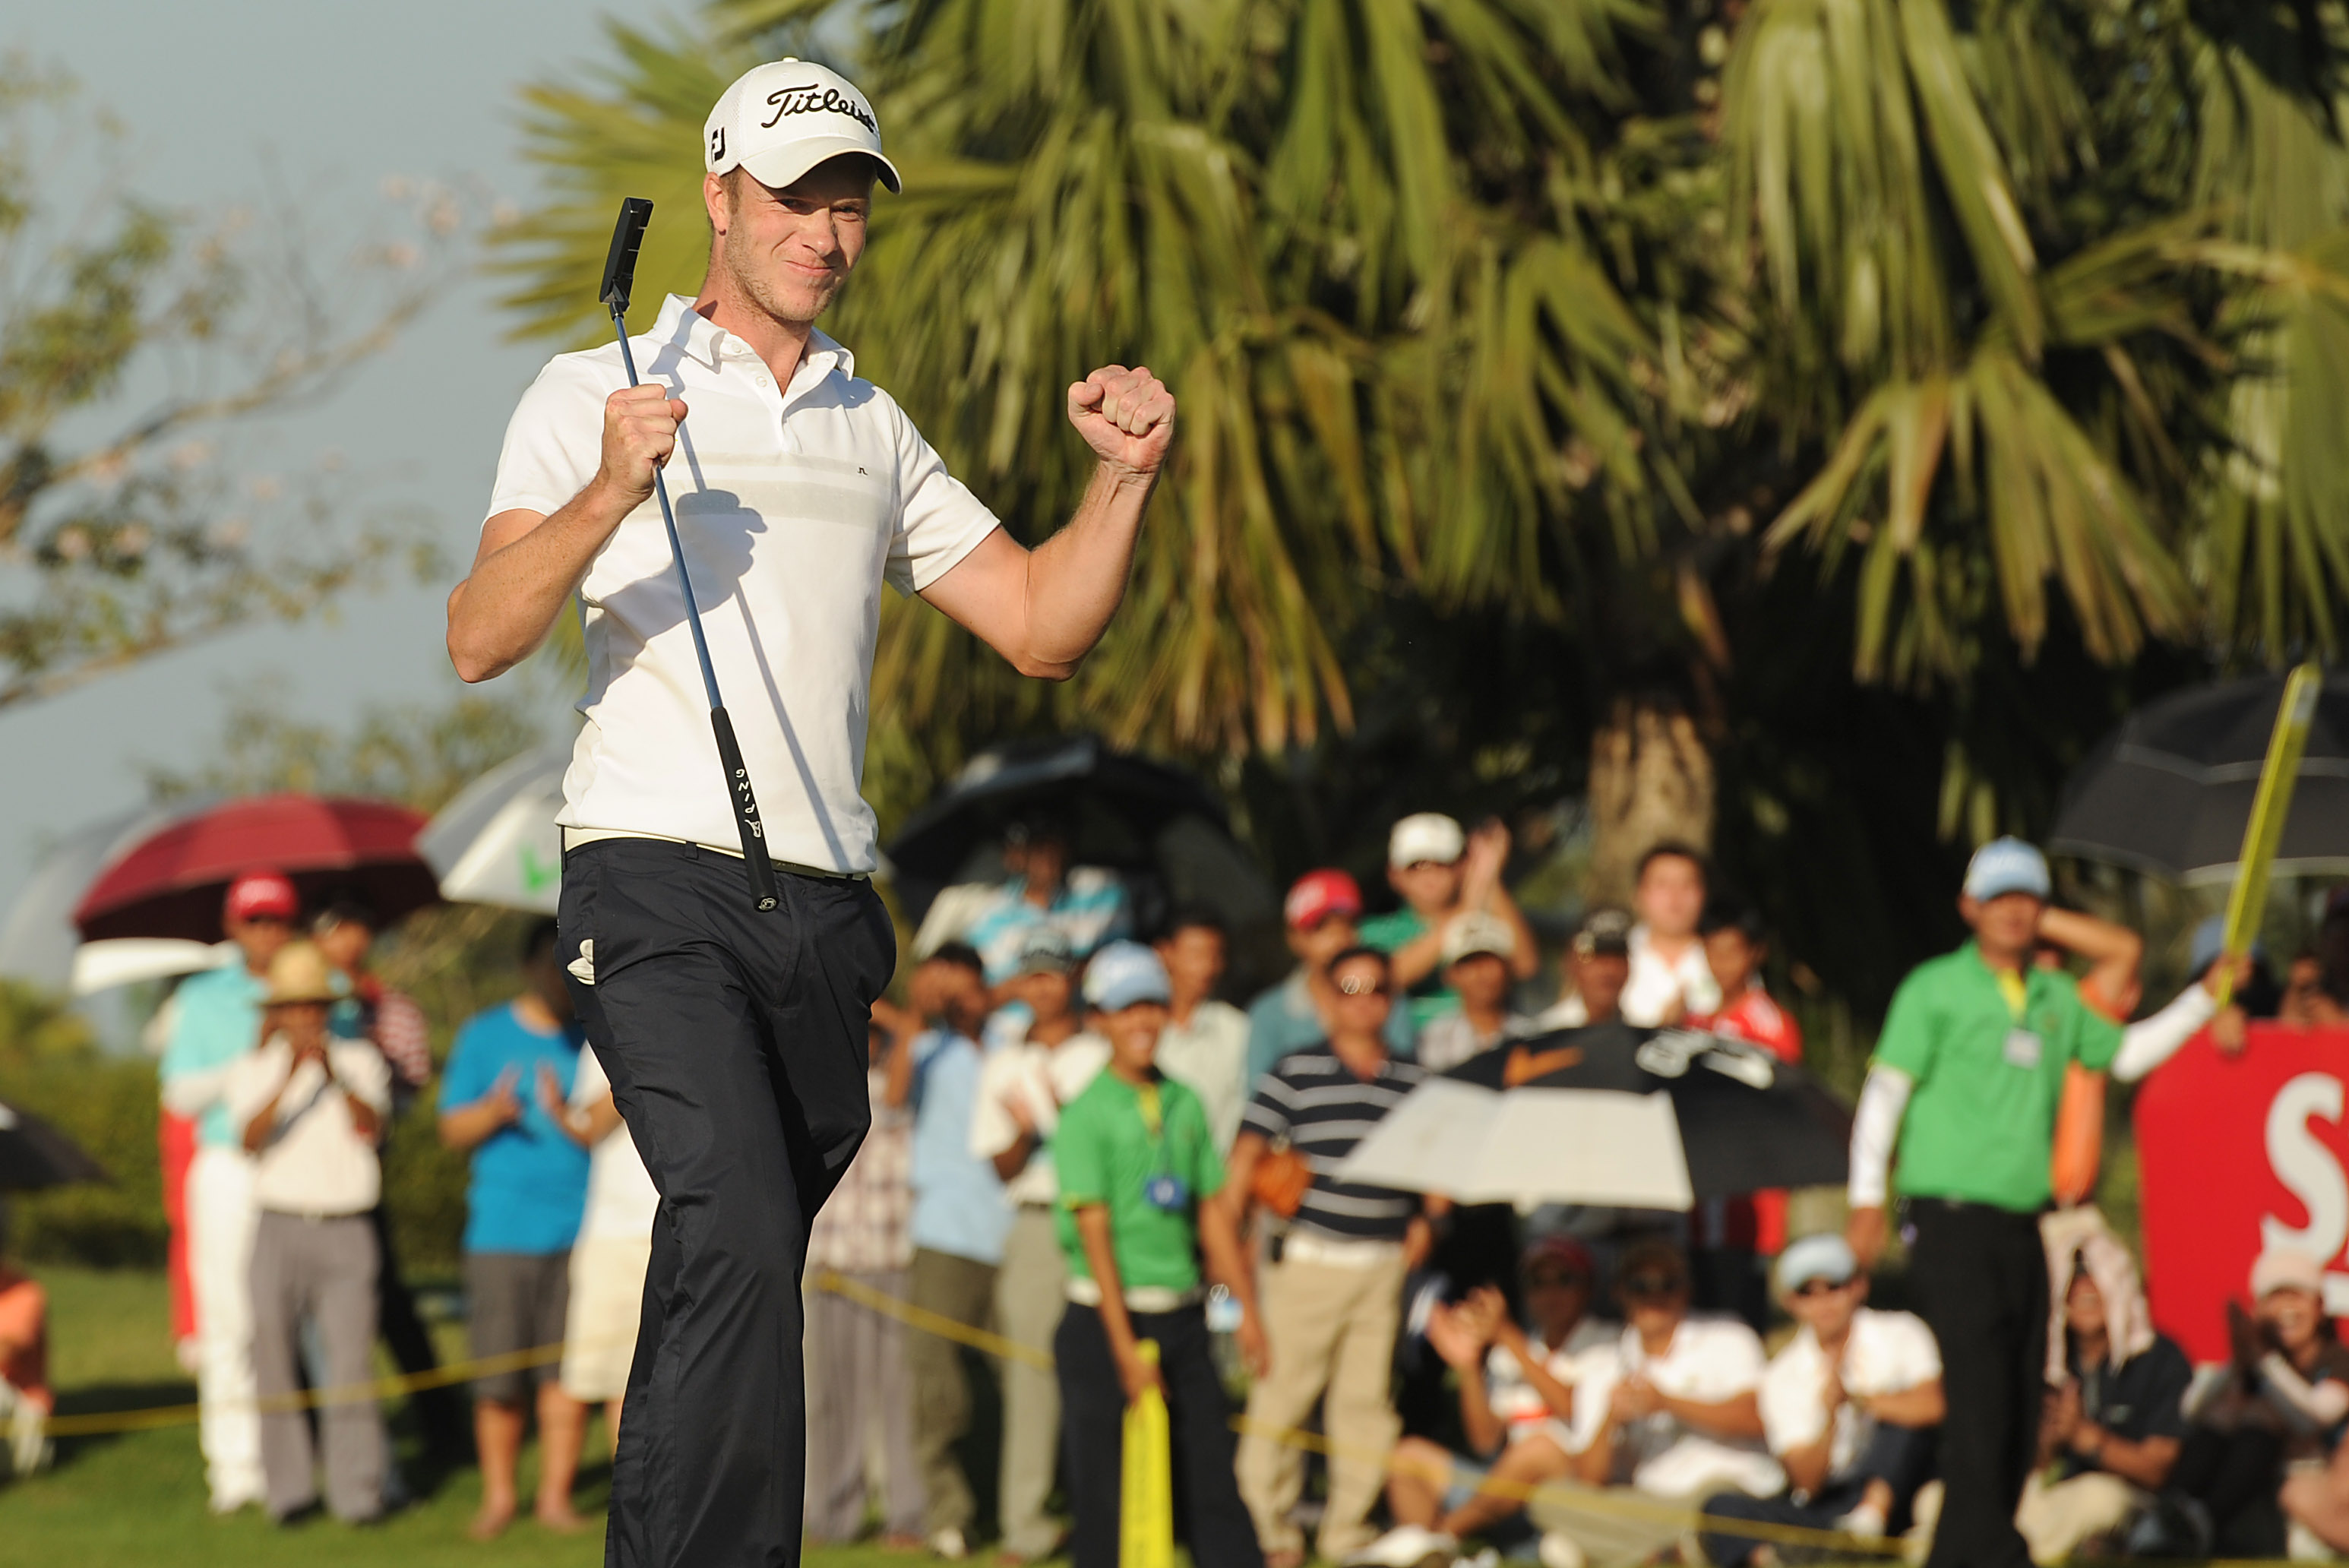 Zaykabar Myanmar Open 2012